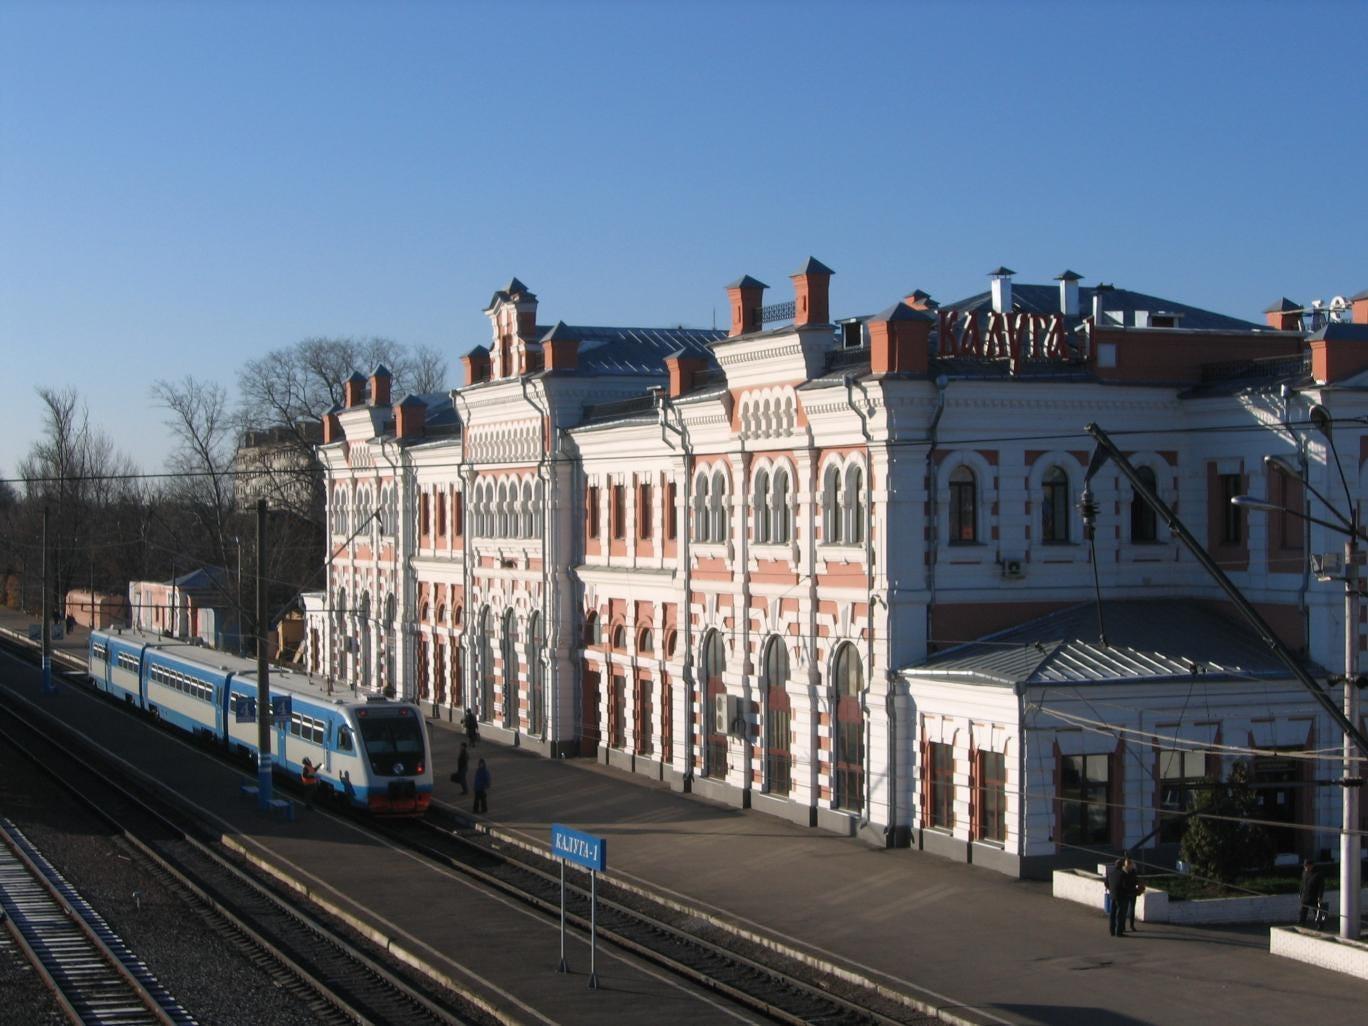 The station at Kaluga